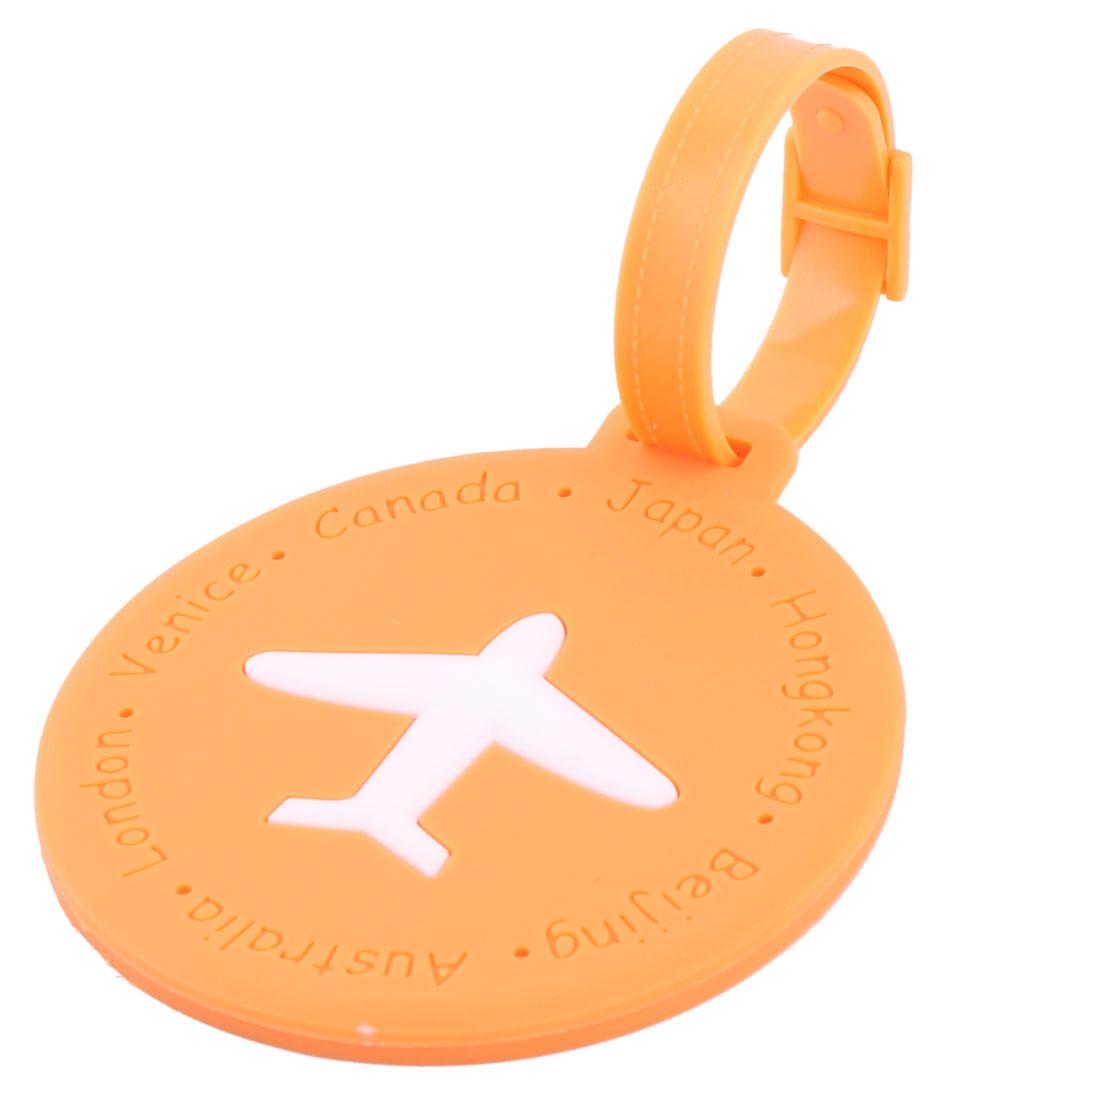 Silicone Round Shape Airplane Travel Suitcase Label Luggage Tag Name Address Card Holder Orange